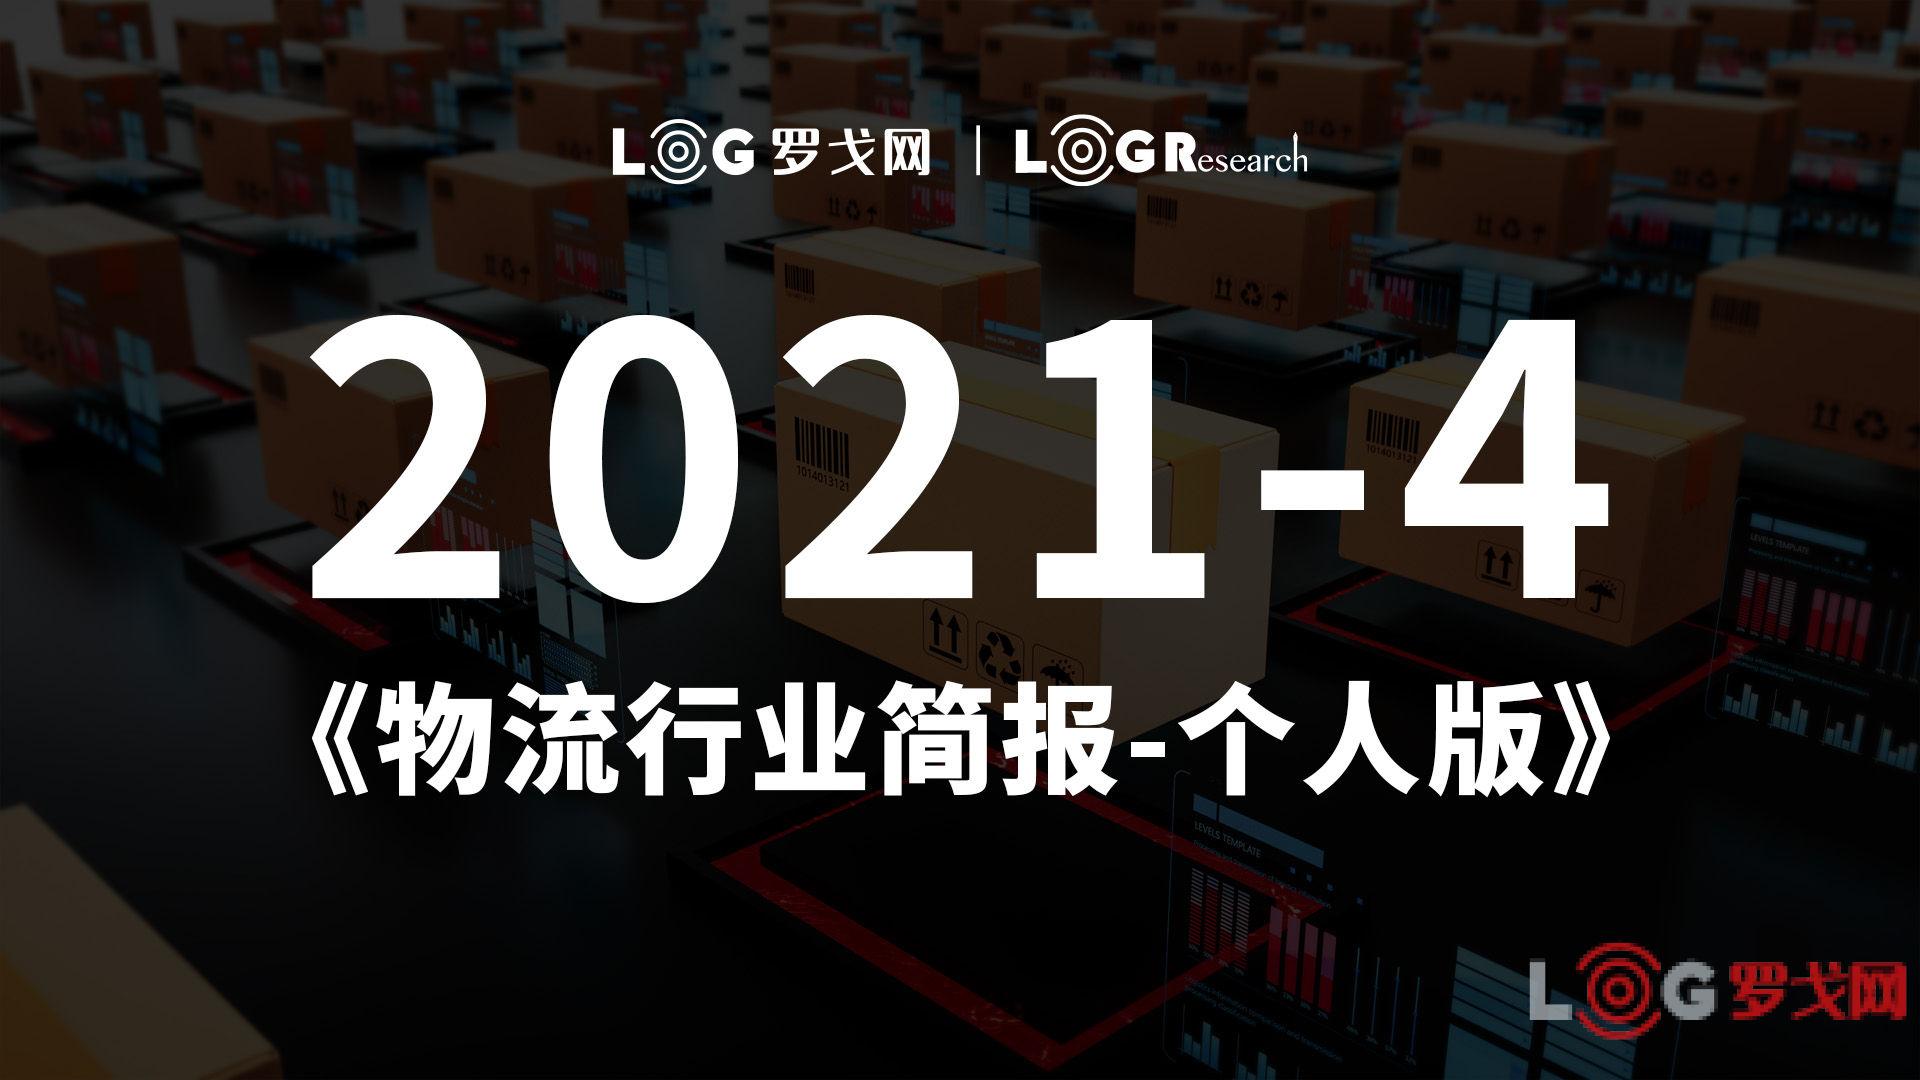 2021-04物流行业简报-个人版